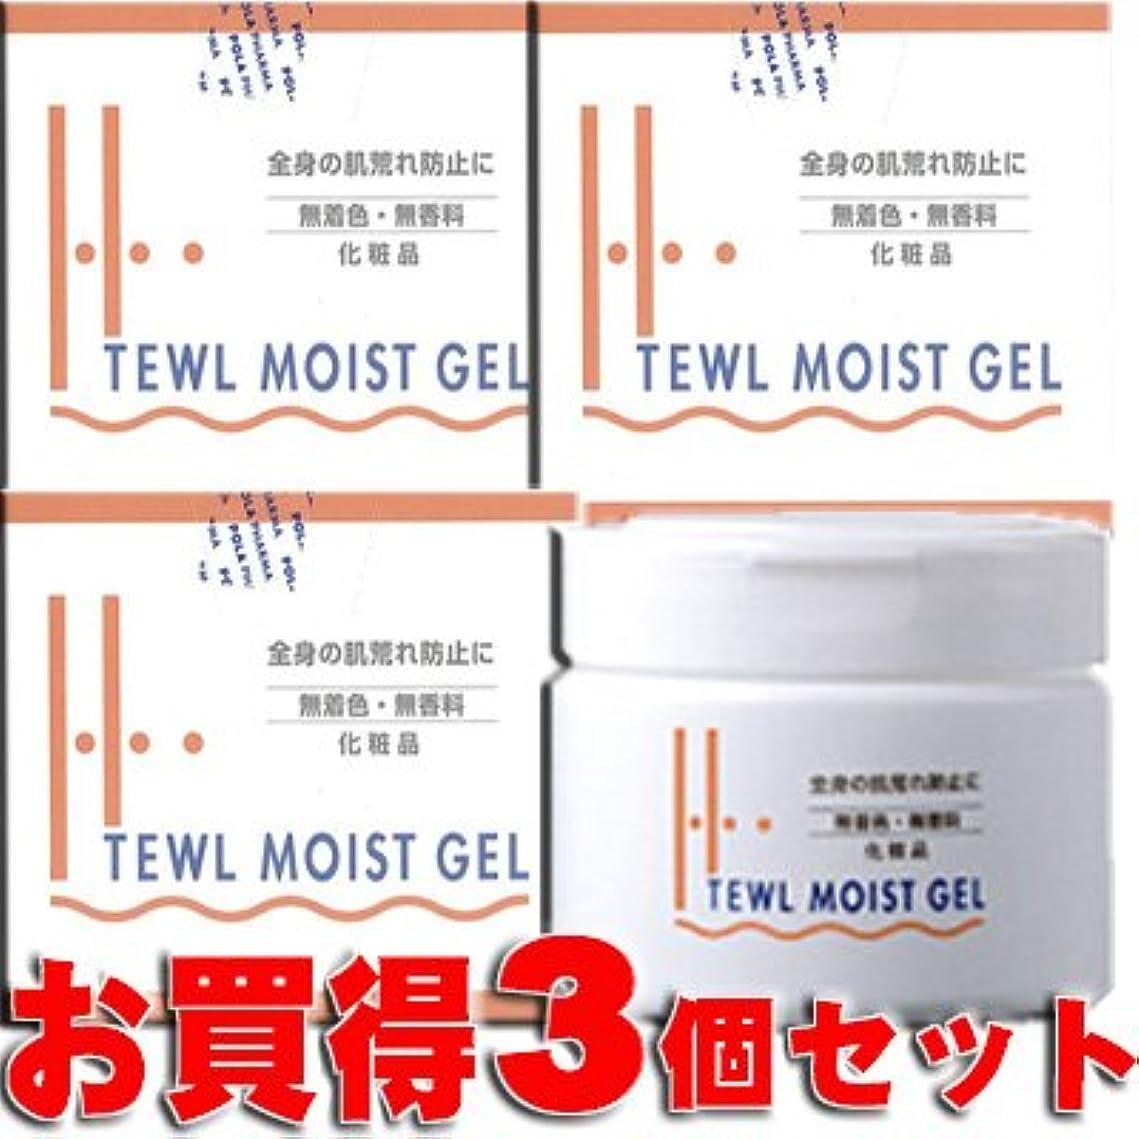 口頭君主ビヨン★お買得3個★ ハイテウル モイストジェル 300gx3個 (ポーラファルマ)エタノールや界面活性剤に敏感な方へおすすめするゲルクリームです。